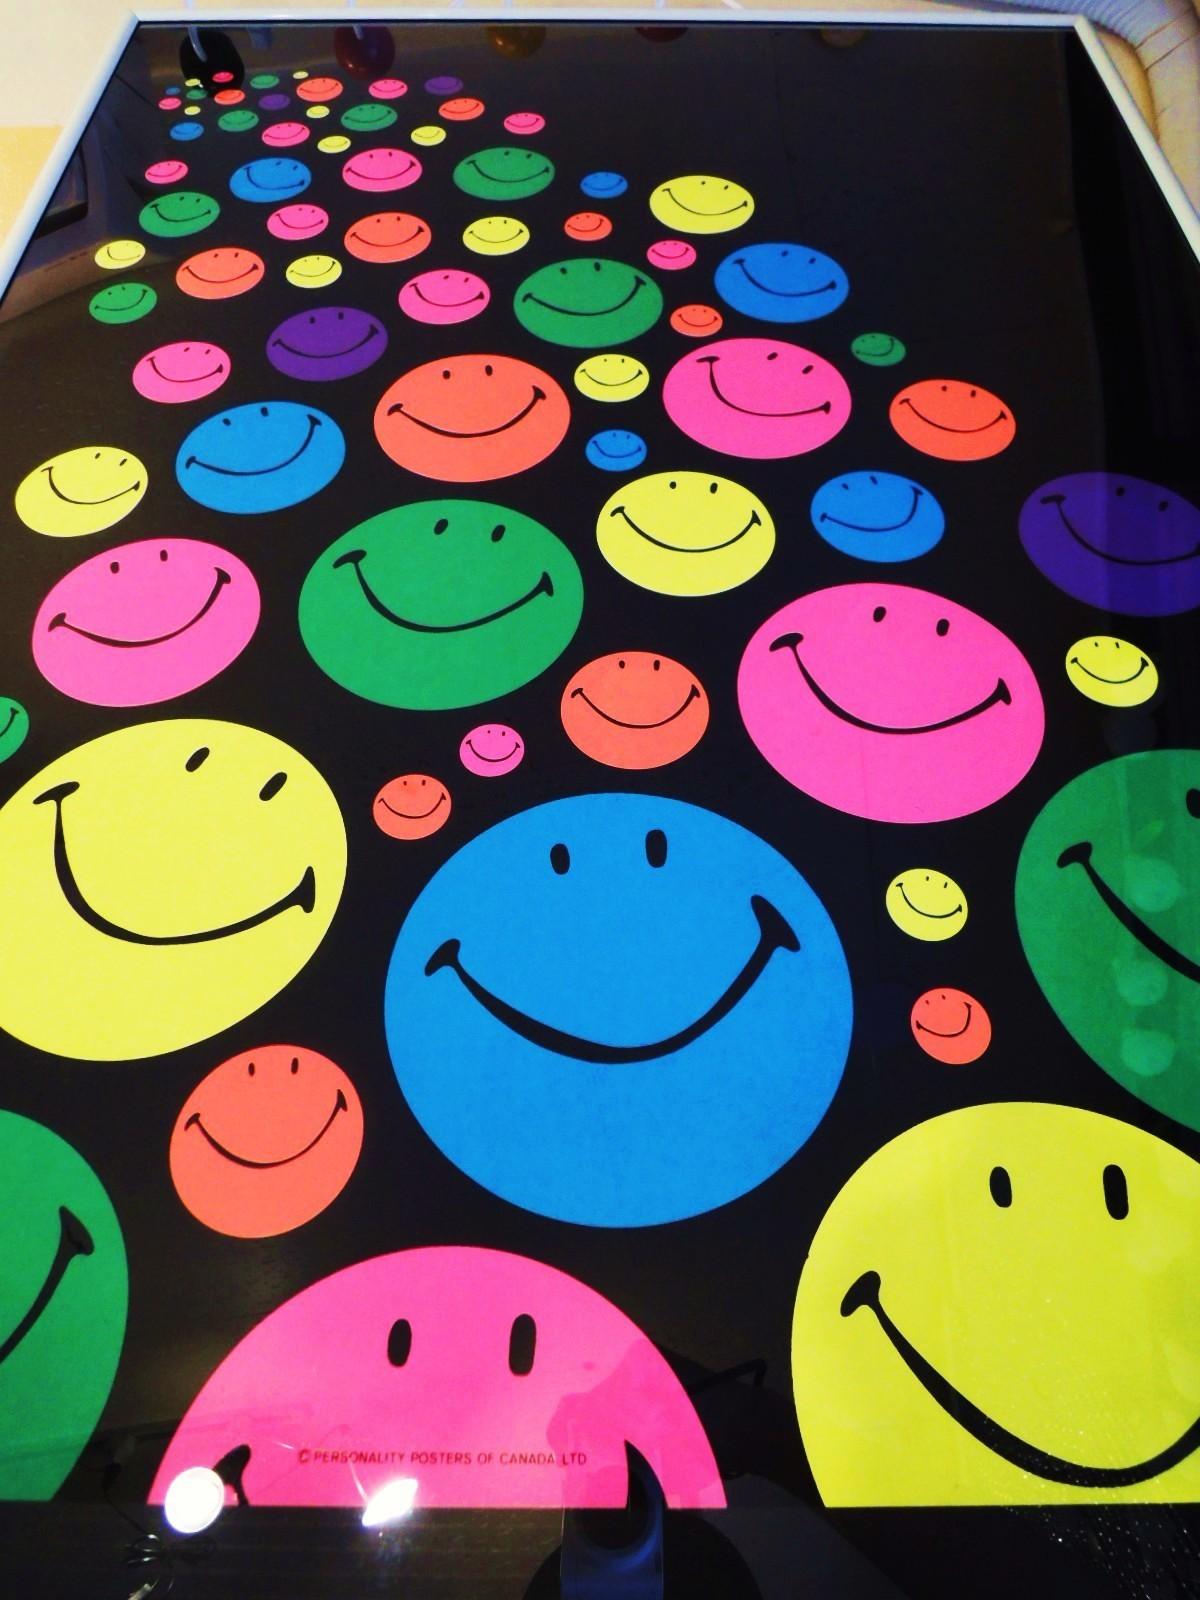 smileposter01.JPG